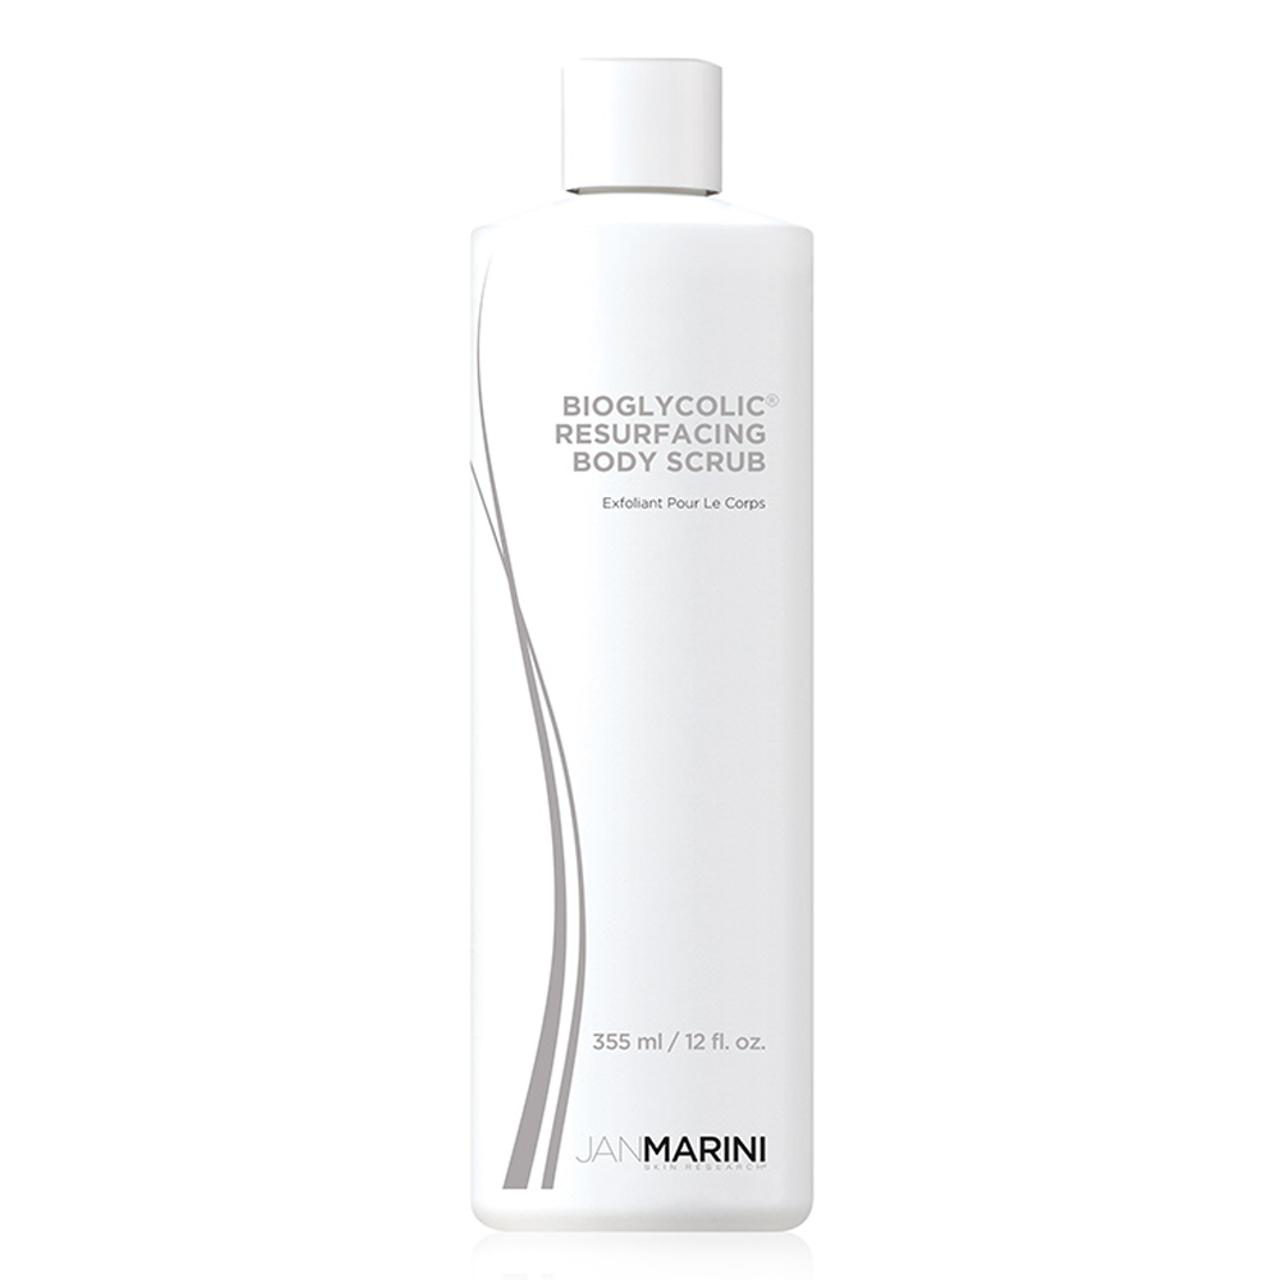 Jan Marini Bioglycolic Resurfacing Body Scrub BeautifiedYou.com